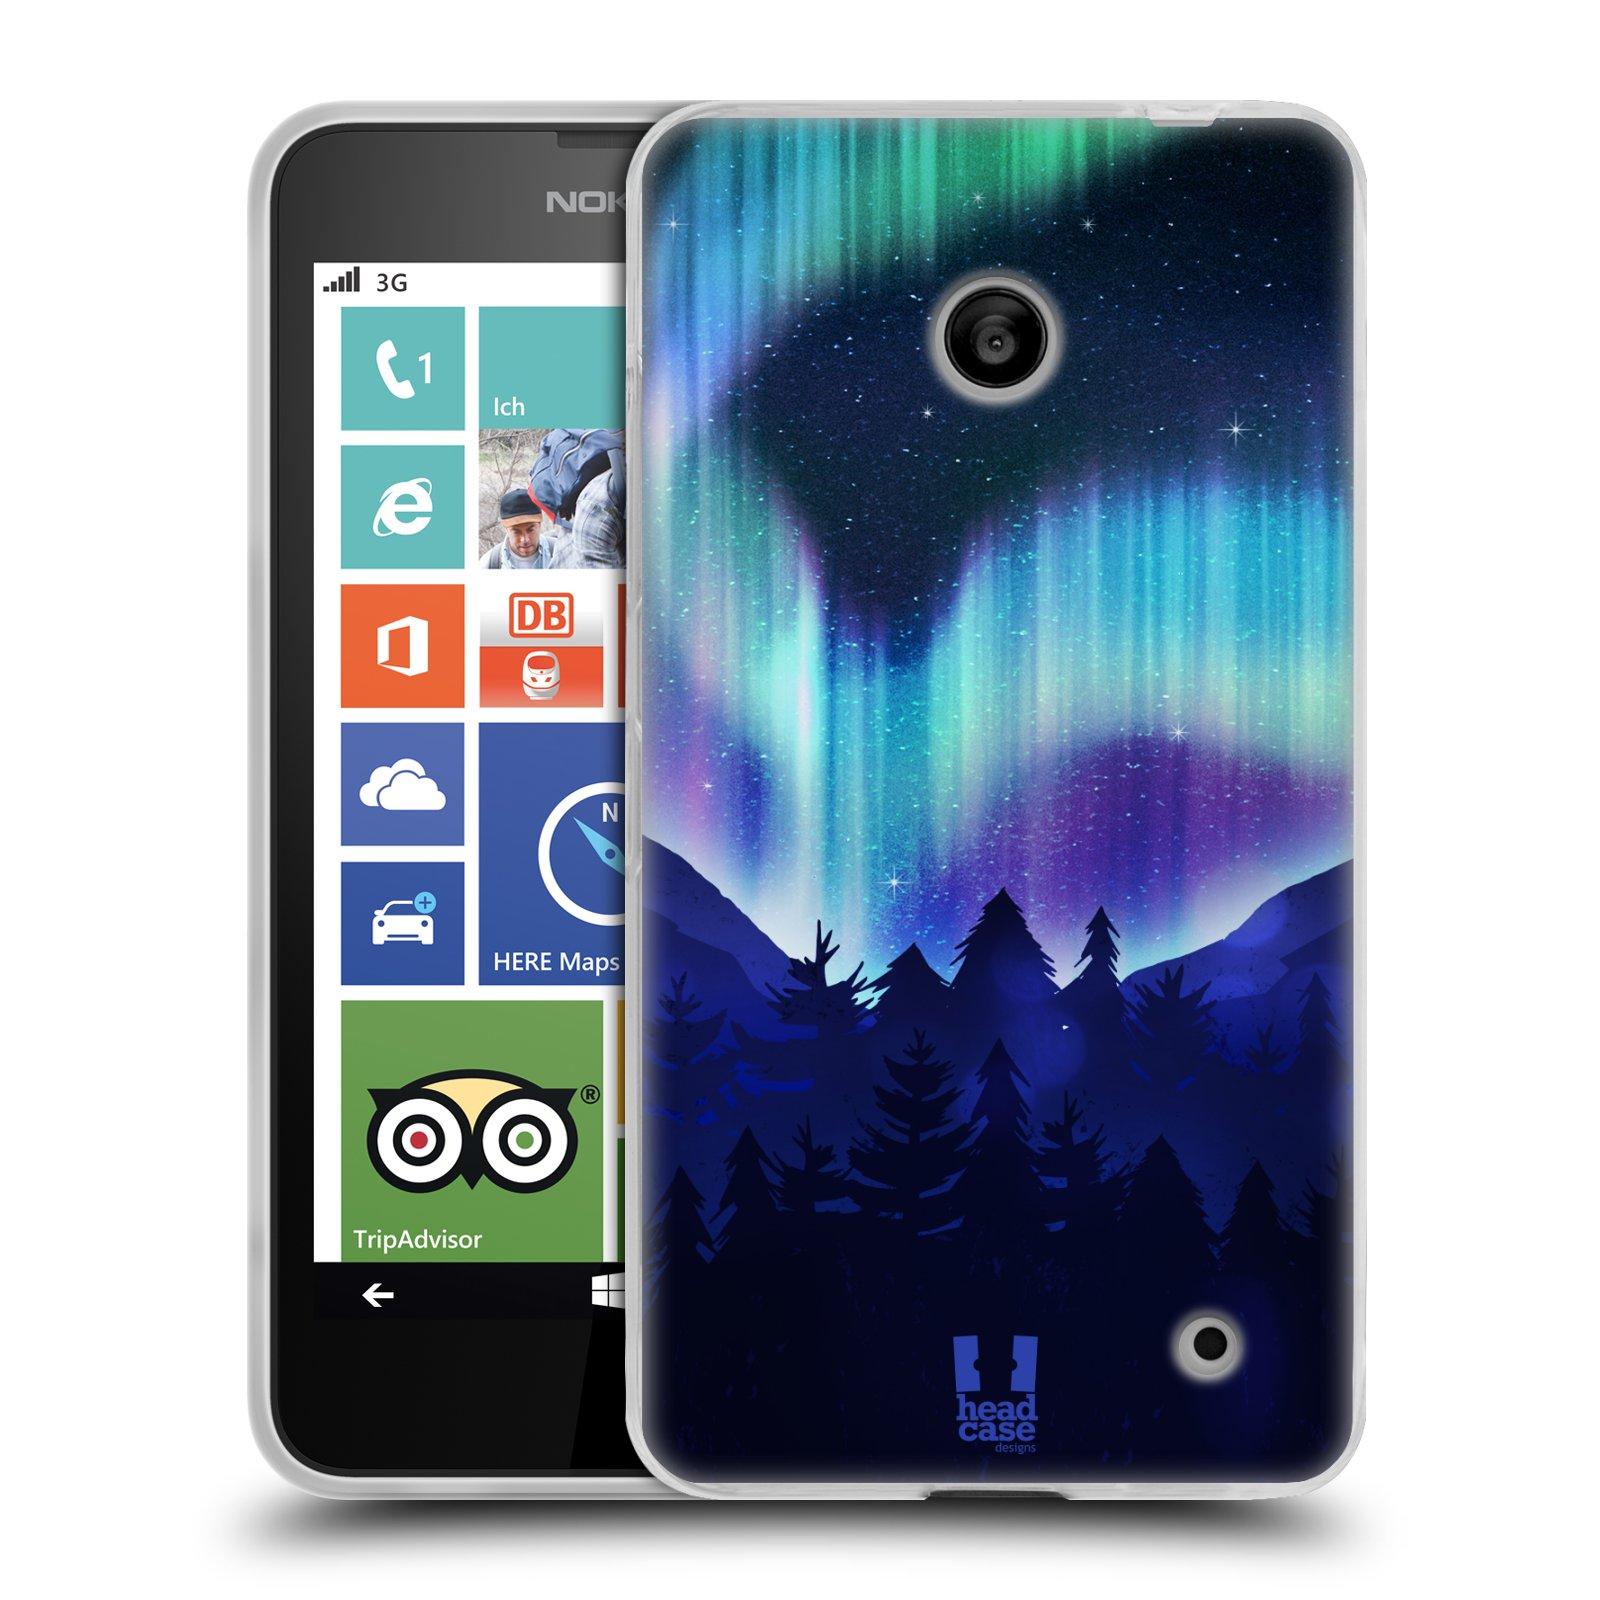 Silikonové pouzdro na mobil Nokia Lumia 630 HEAD CASE Polární Záře Borovice (Silikonový kryt či obal na mobilní telefon Nokia Lumia 630 a Nokia Lumia 630 Dual SIM)